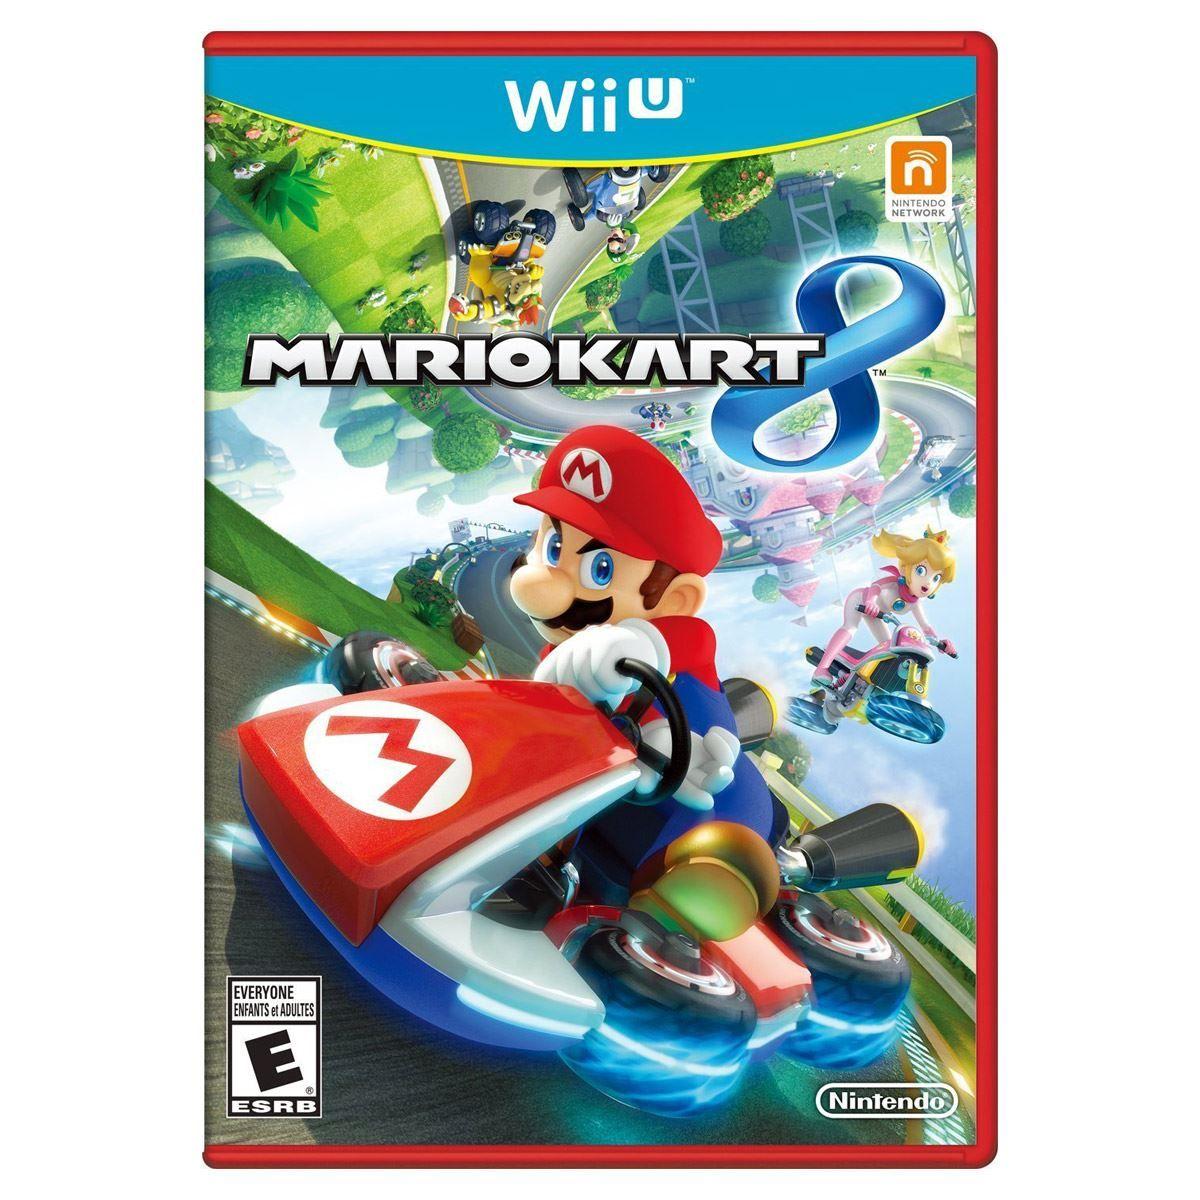 Sanborns: Mario kart 8 Wii U